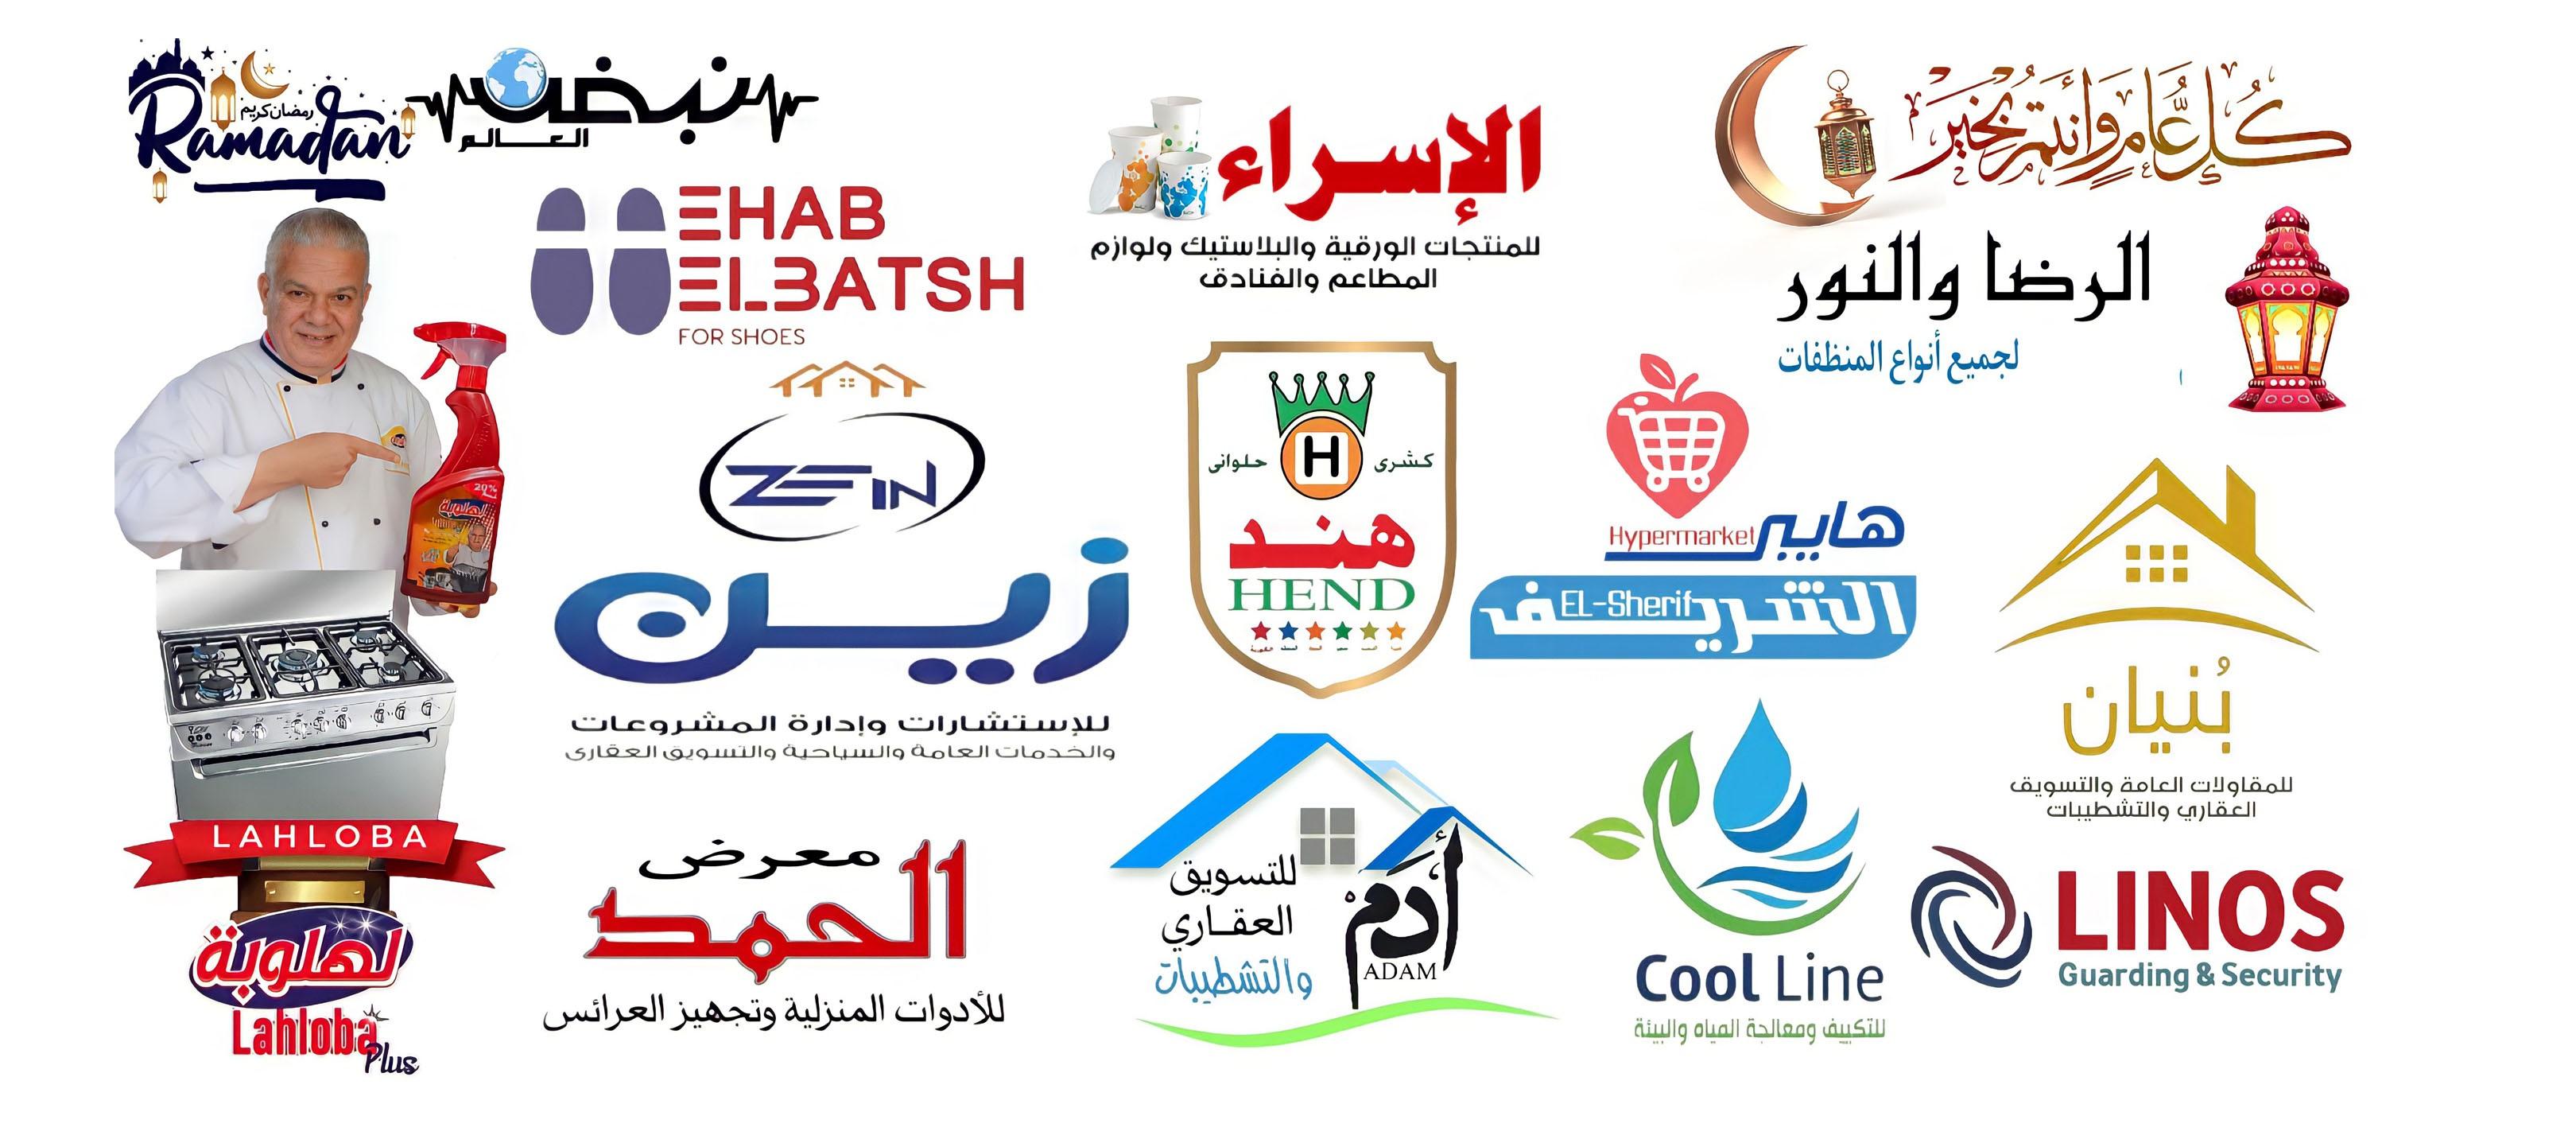 مطاعم ومحلات وشركات بنها تهنئ الأمة الإسلامية بمناسبة حلول شهر رمضان المبارك